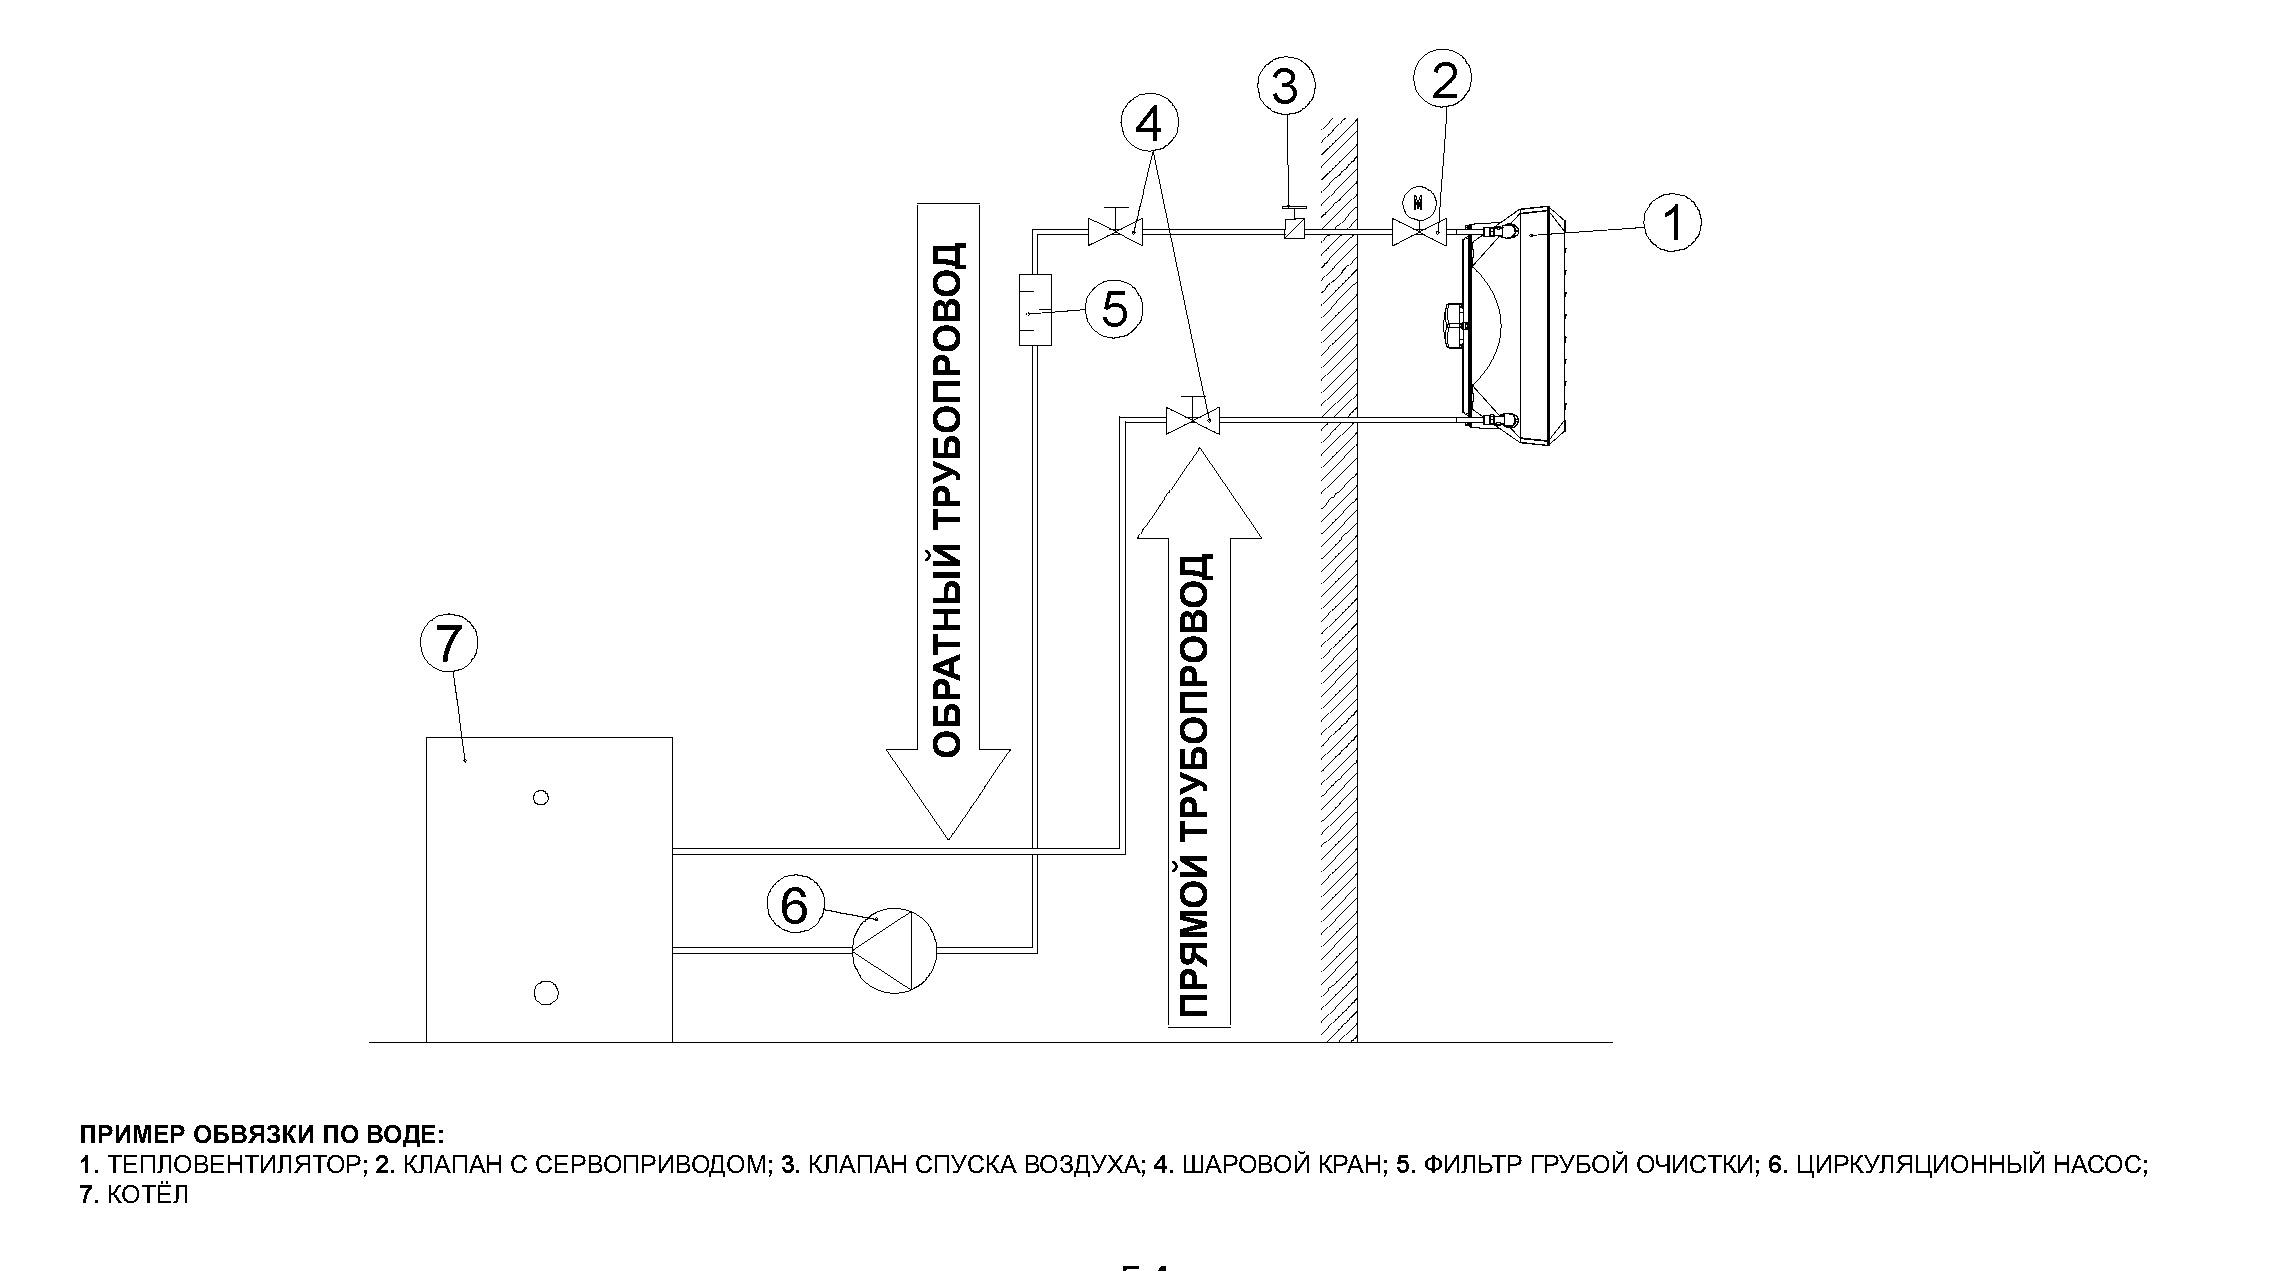 Тепловентилятор польских производителей вулкан: принцип работы, сфера применения, плюсы и недостатки volcano